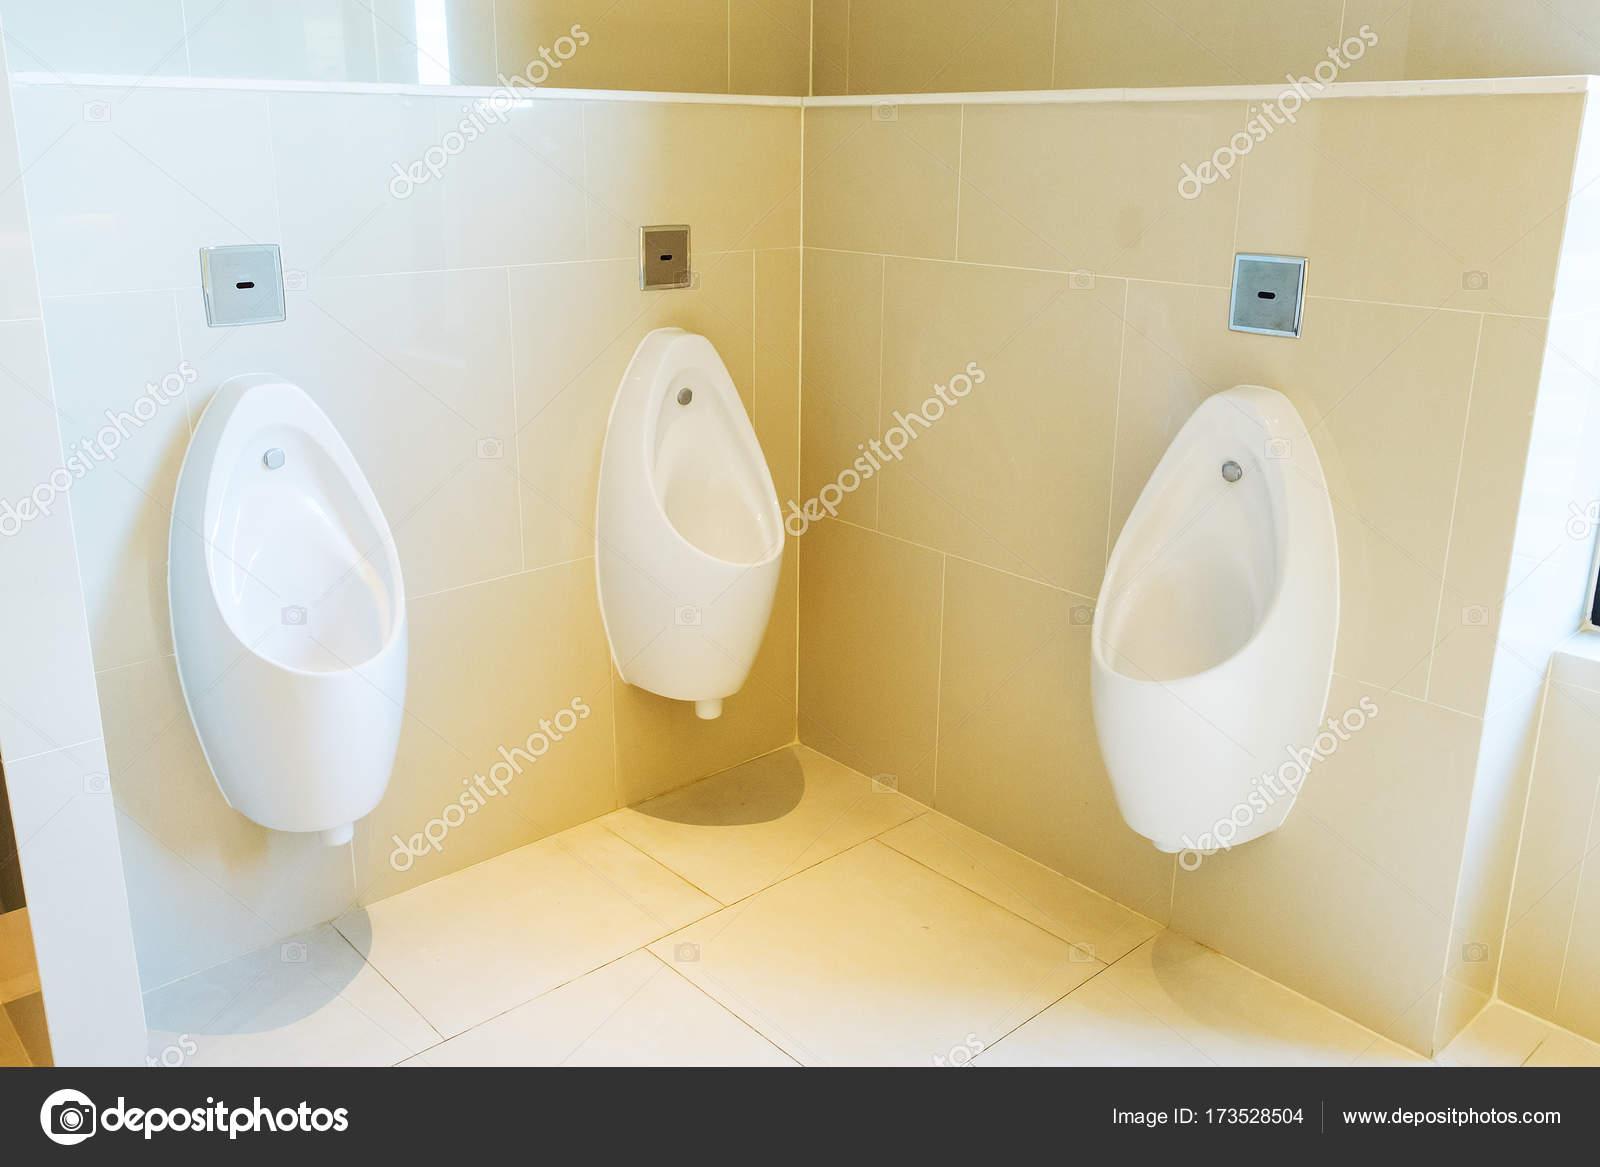 orinatoi in bagno pubblico — Foto Stock © subinpumsom #173528504